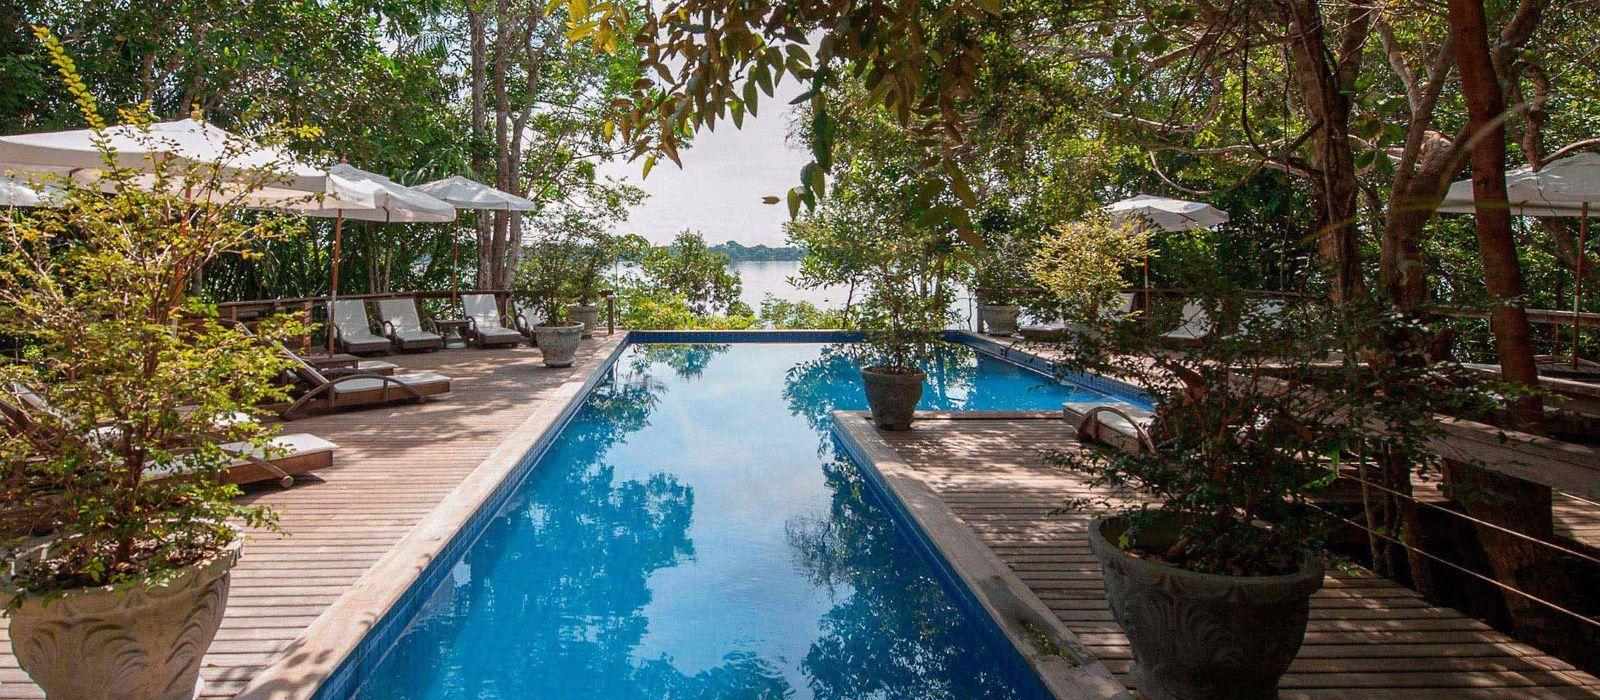 Brazil's Beaches, Rio and the Amazon Tour Trip 8